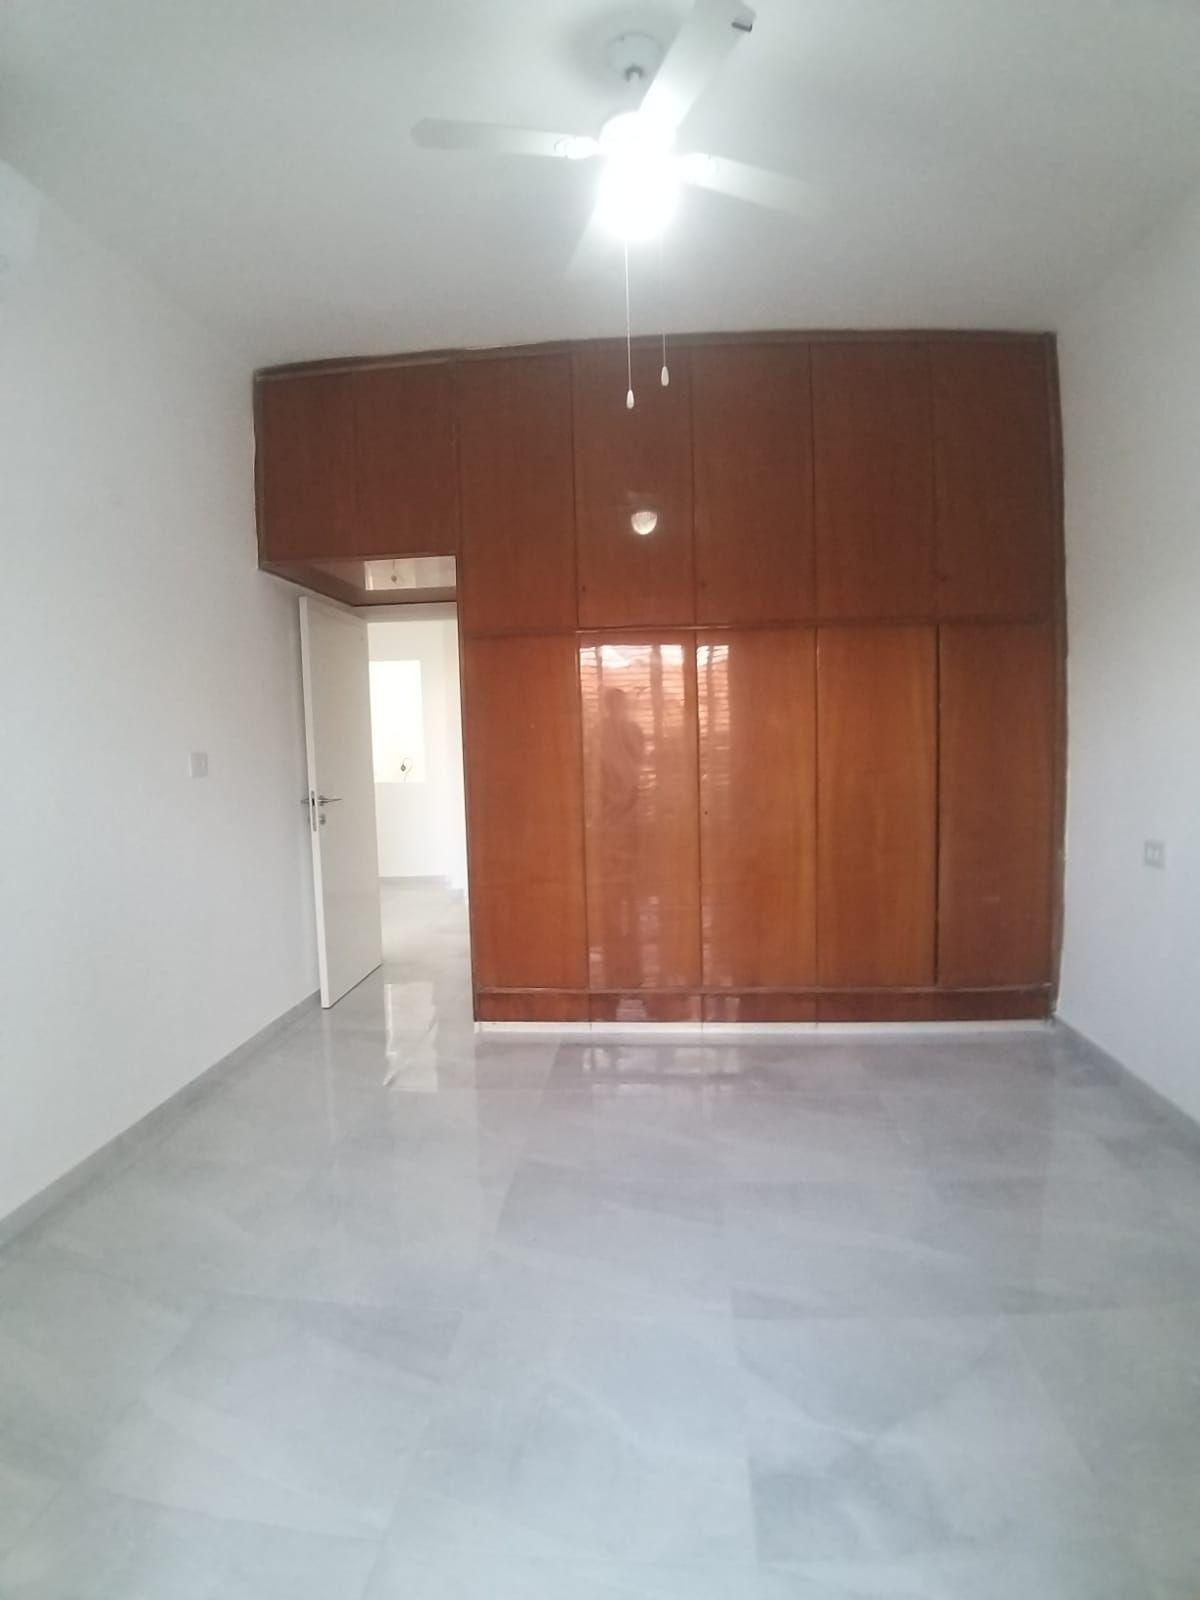 דירה ל השכרה 2 חדרים ברמת גן